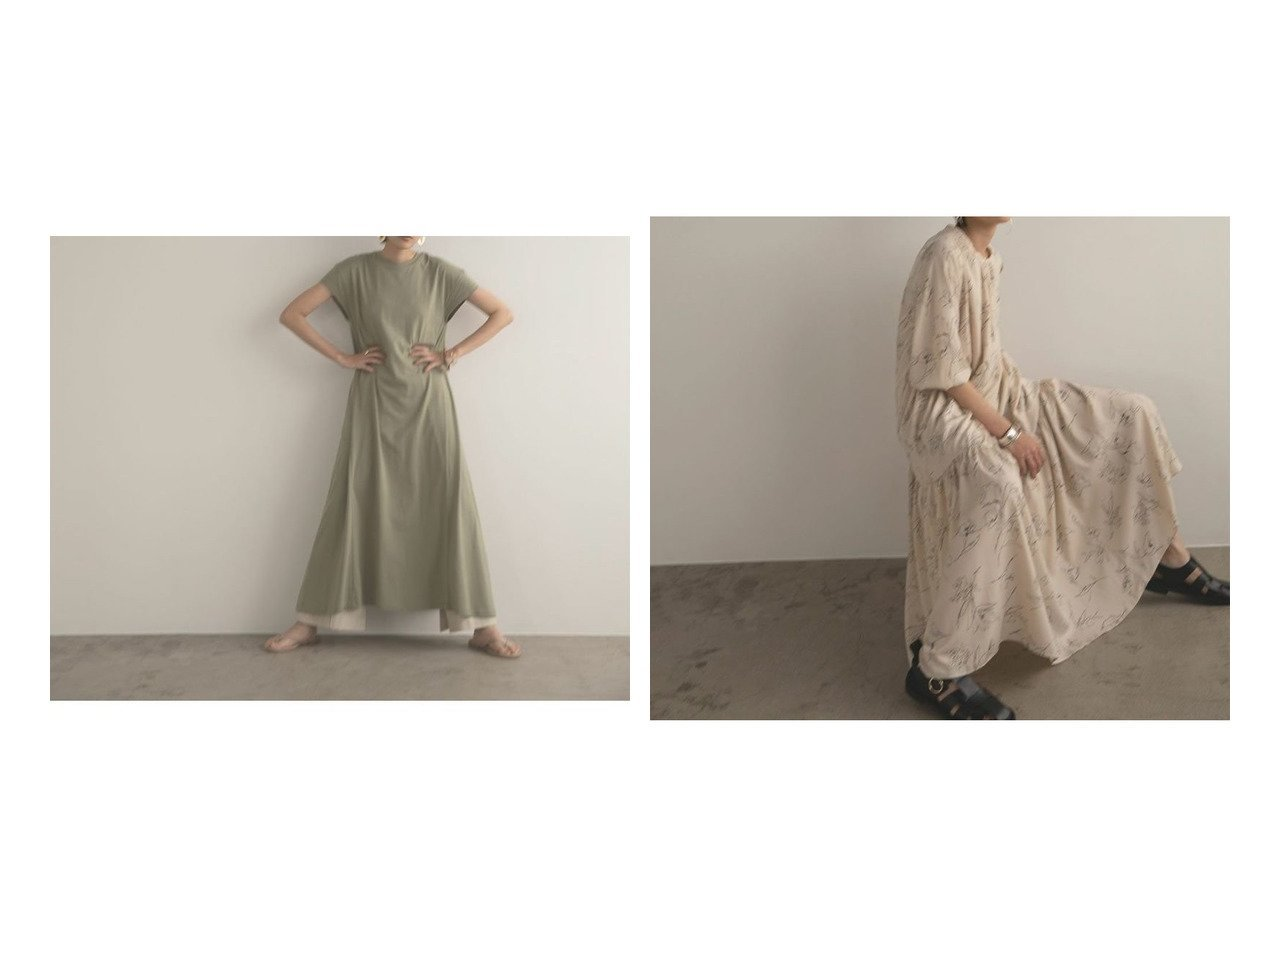 【marjour/マージュール】のラインプリントワンピース LINE PRINT ONEPIECE&ロングTEEワンピース LONG TEE ONEPIECE おすすめ!人気、トレンド・レディースファッションの通販  おすすめで人気の流行・トレンド、ファッションの通販商品 インテリア・家具・メンズファッション・キッズファッション・レディースファッション・服の通販 founy(ファニー) https://founy.com/ ファッション Fashion レディースファッション WOMEN ワンピース Dress アンダー カットソー カーディガン コンパクト シンプル ジャケット スタイリッシュ フレア ロング 夏 Summer ギャザー シャーリング スリーブ ティアードワンピース バルーン ブラウジング プリント モヘア 冬 Winter 春 Spring 秋 Autumn/Fall  ID:crp329100000054997